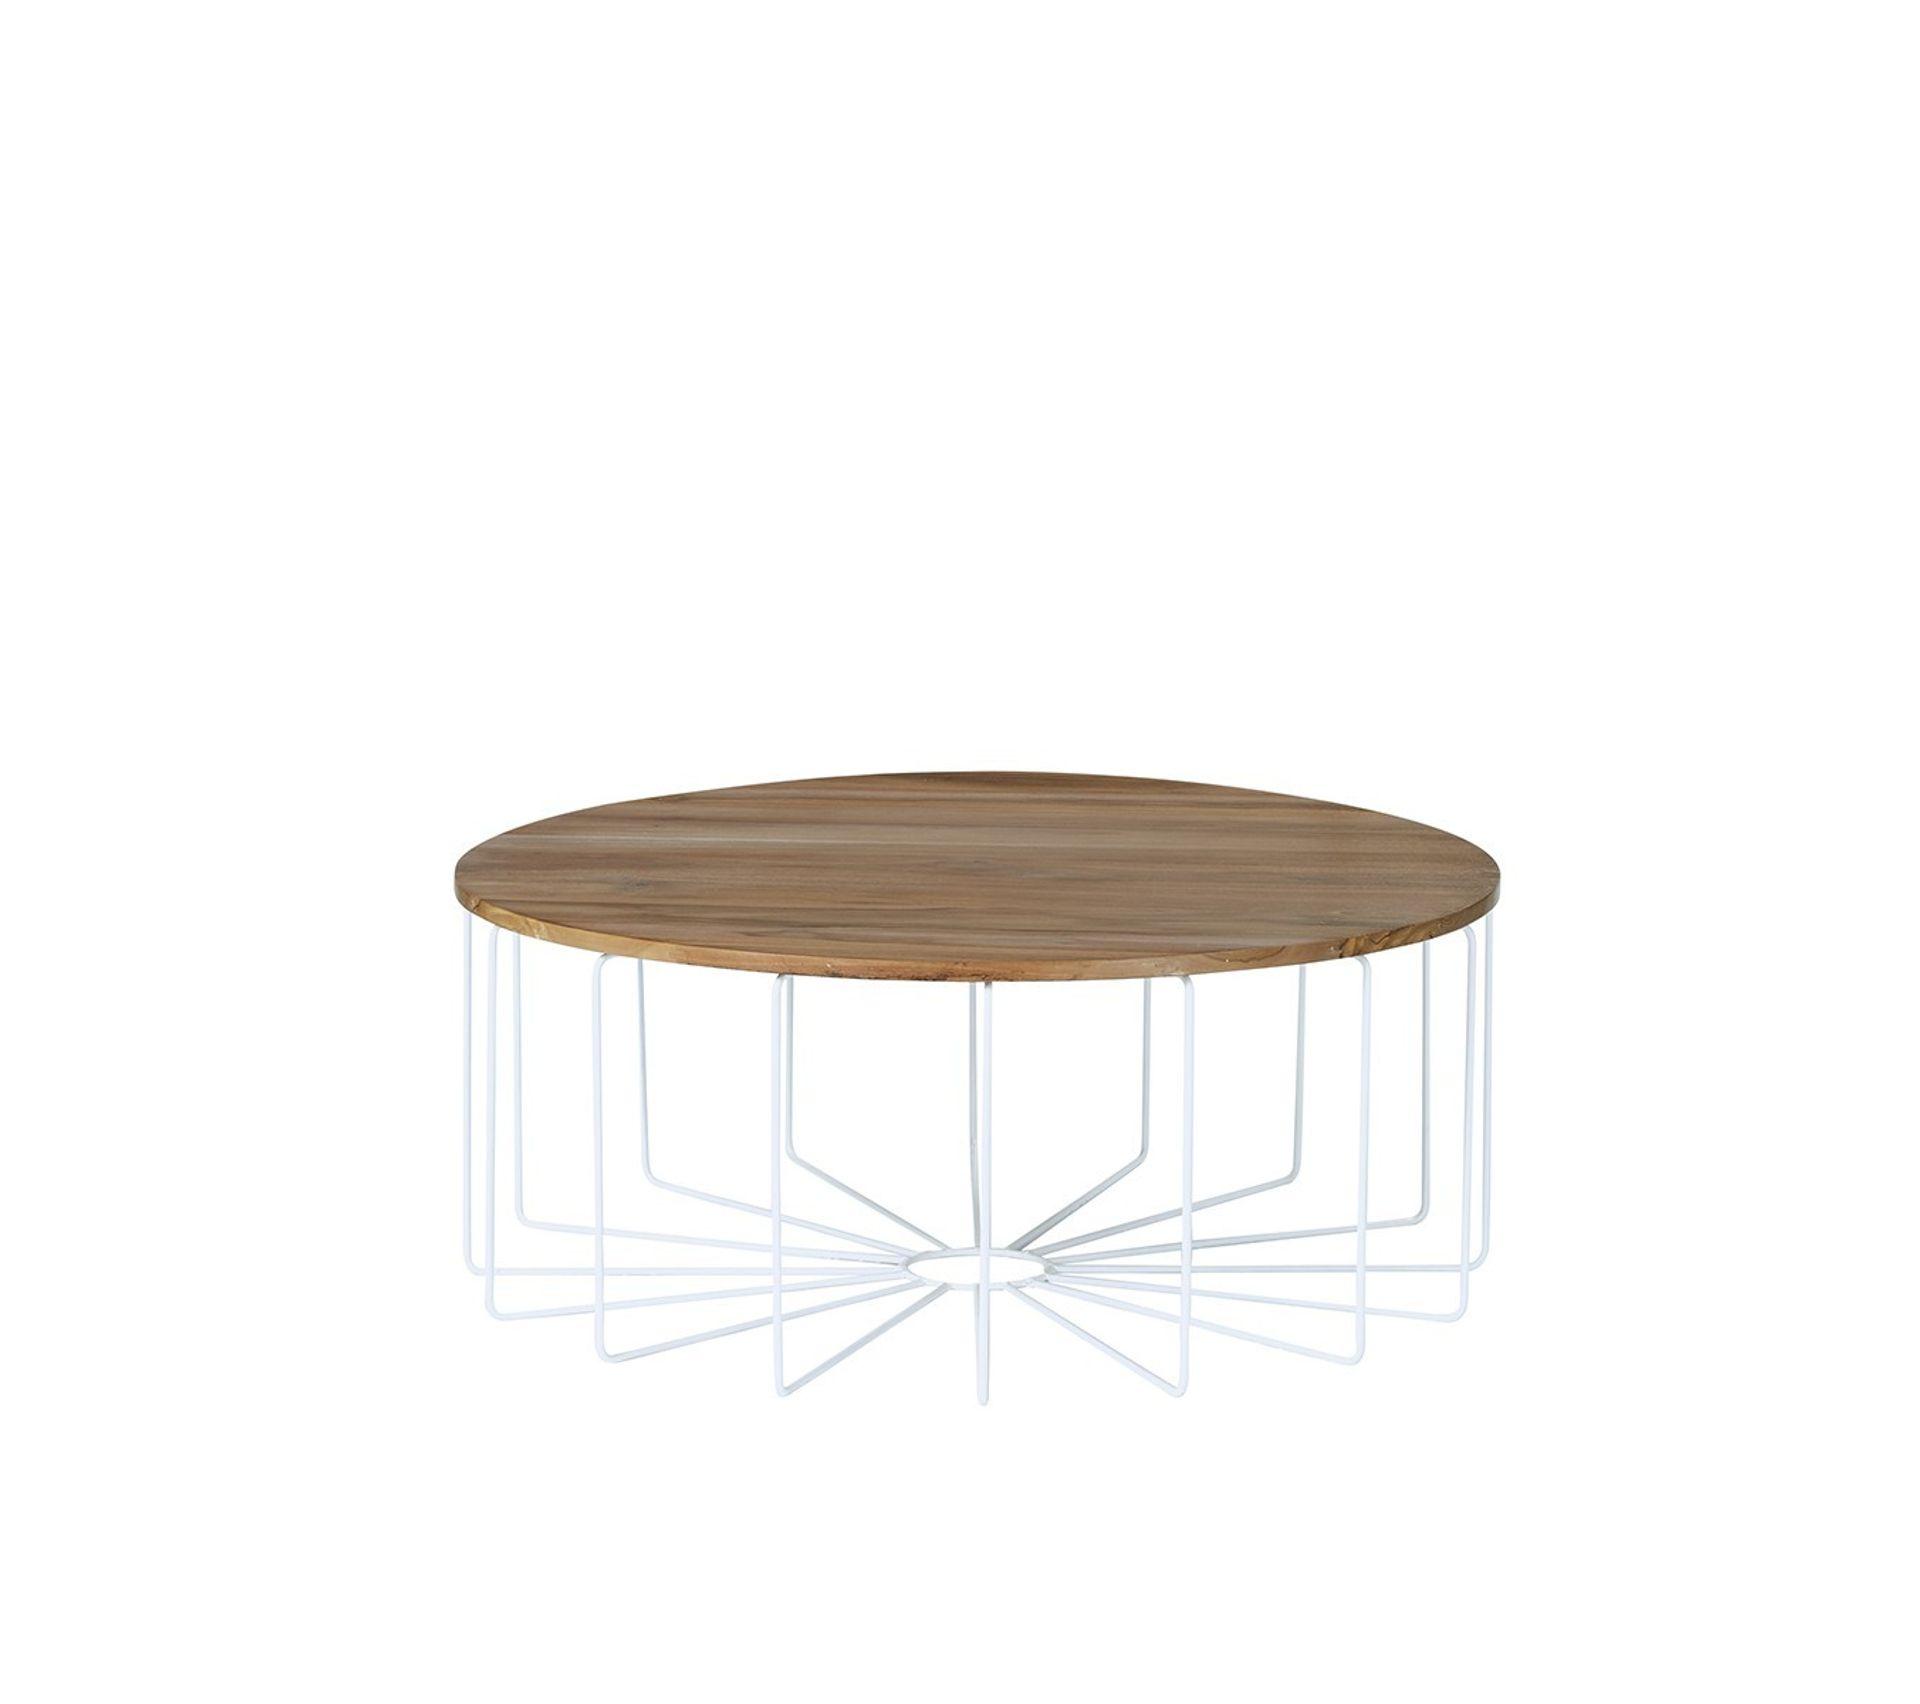 Table Basse Ronde En Bois De Teck Et Metal Table Basse But